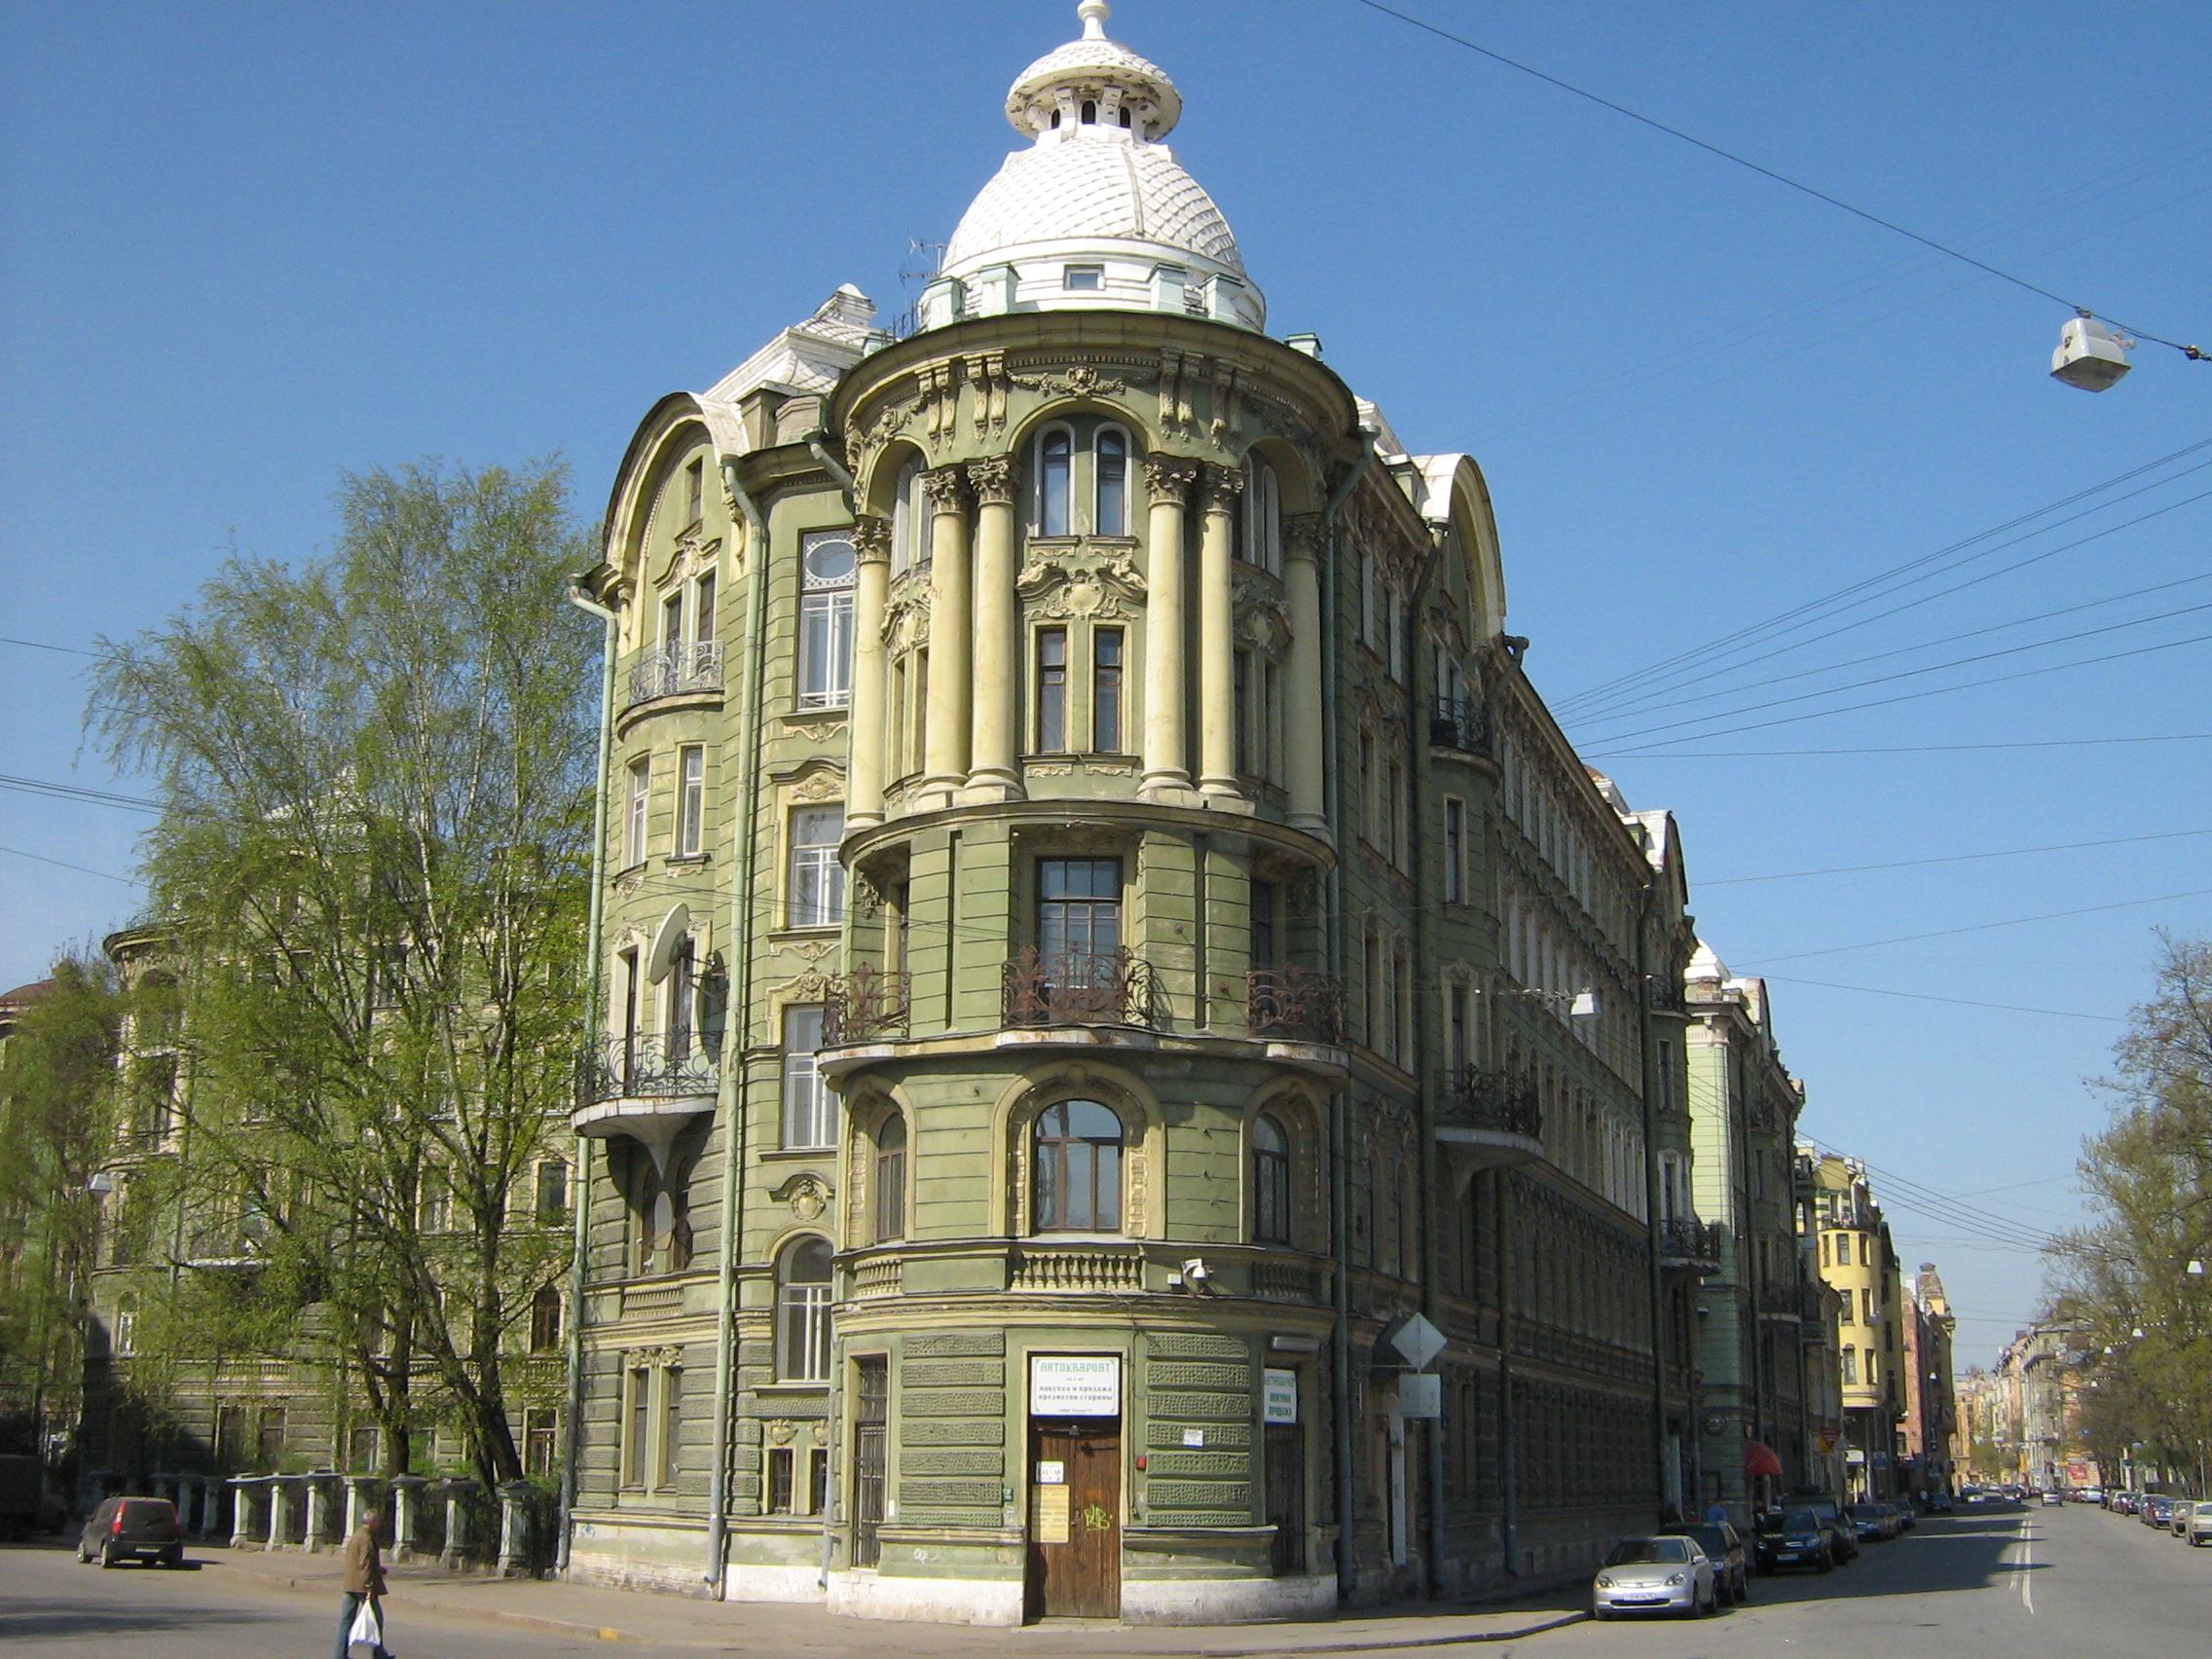 Улица Ленина, 8 — бывший дом Колобовых ...: dic.academic.ru/dic.nsf/ruwiki/1340052